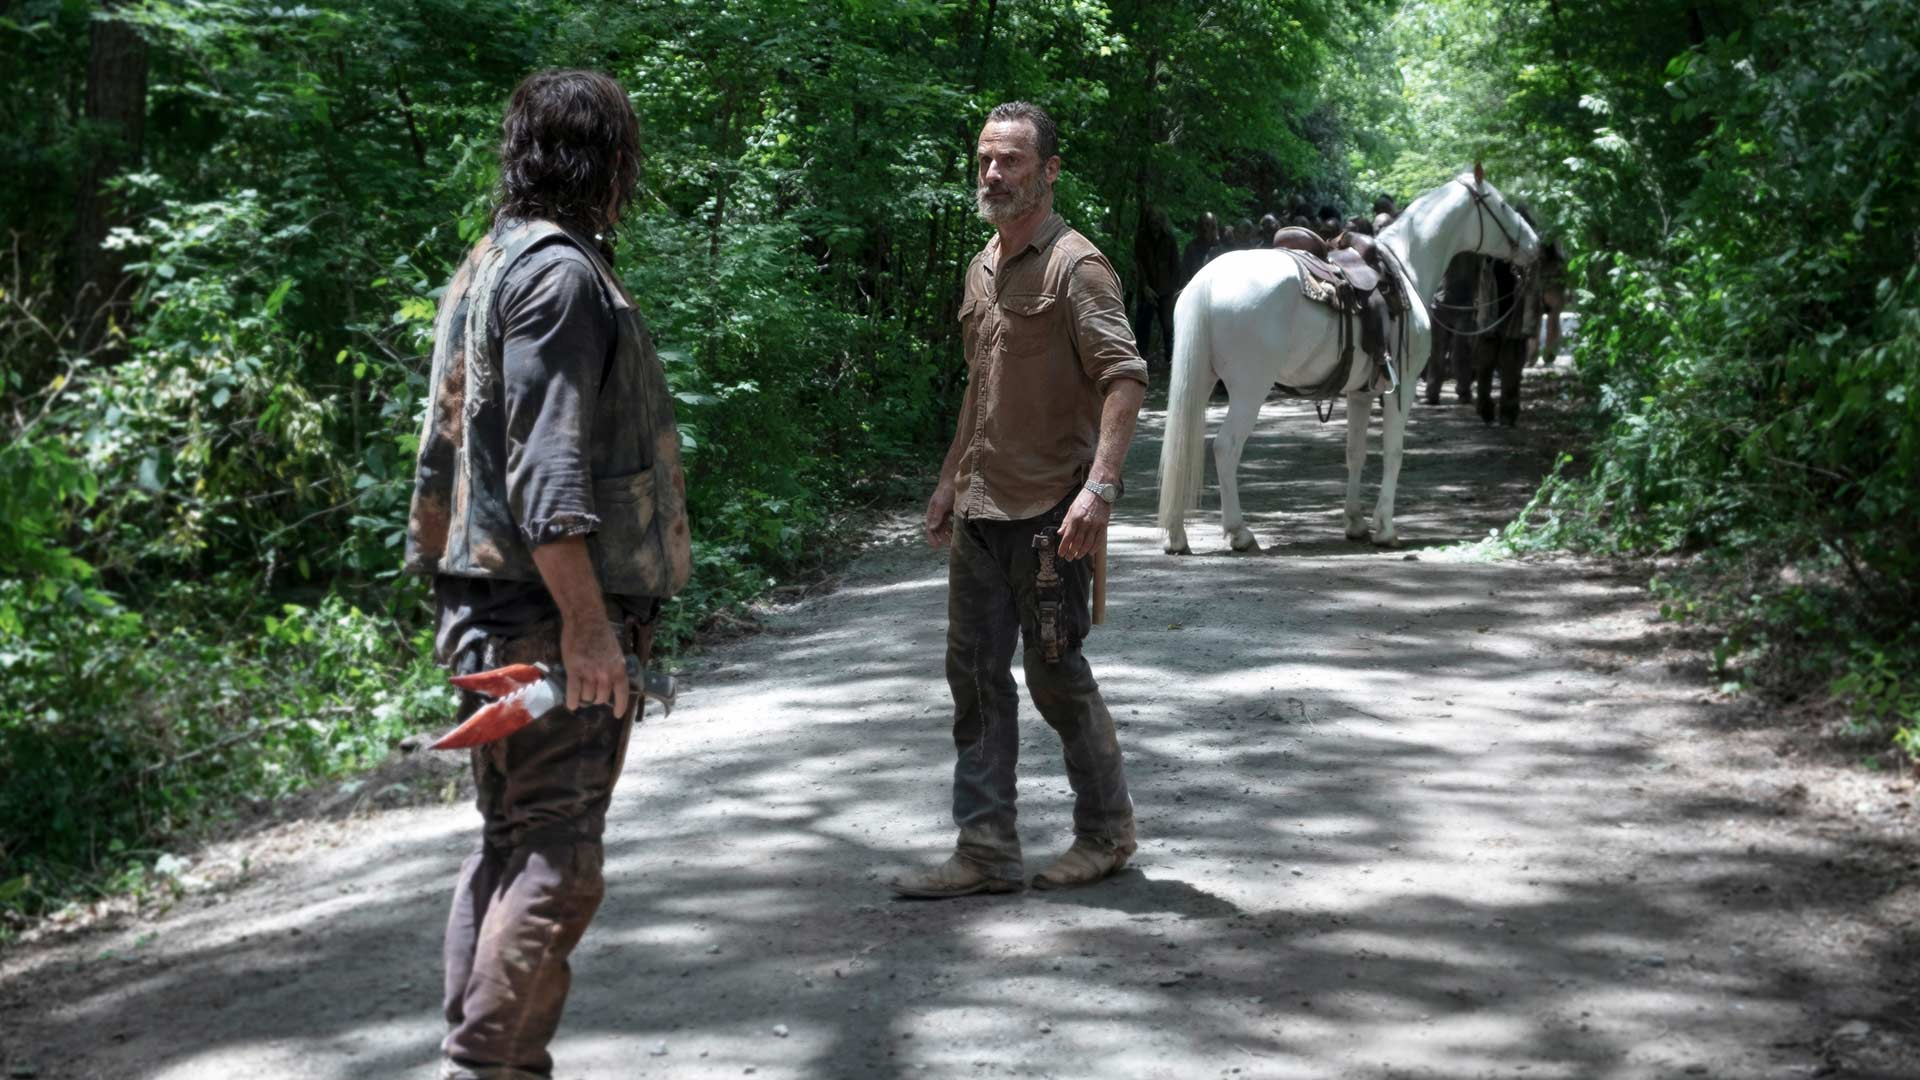 the walking dead season 9 episode 5 download free